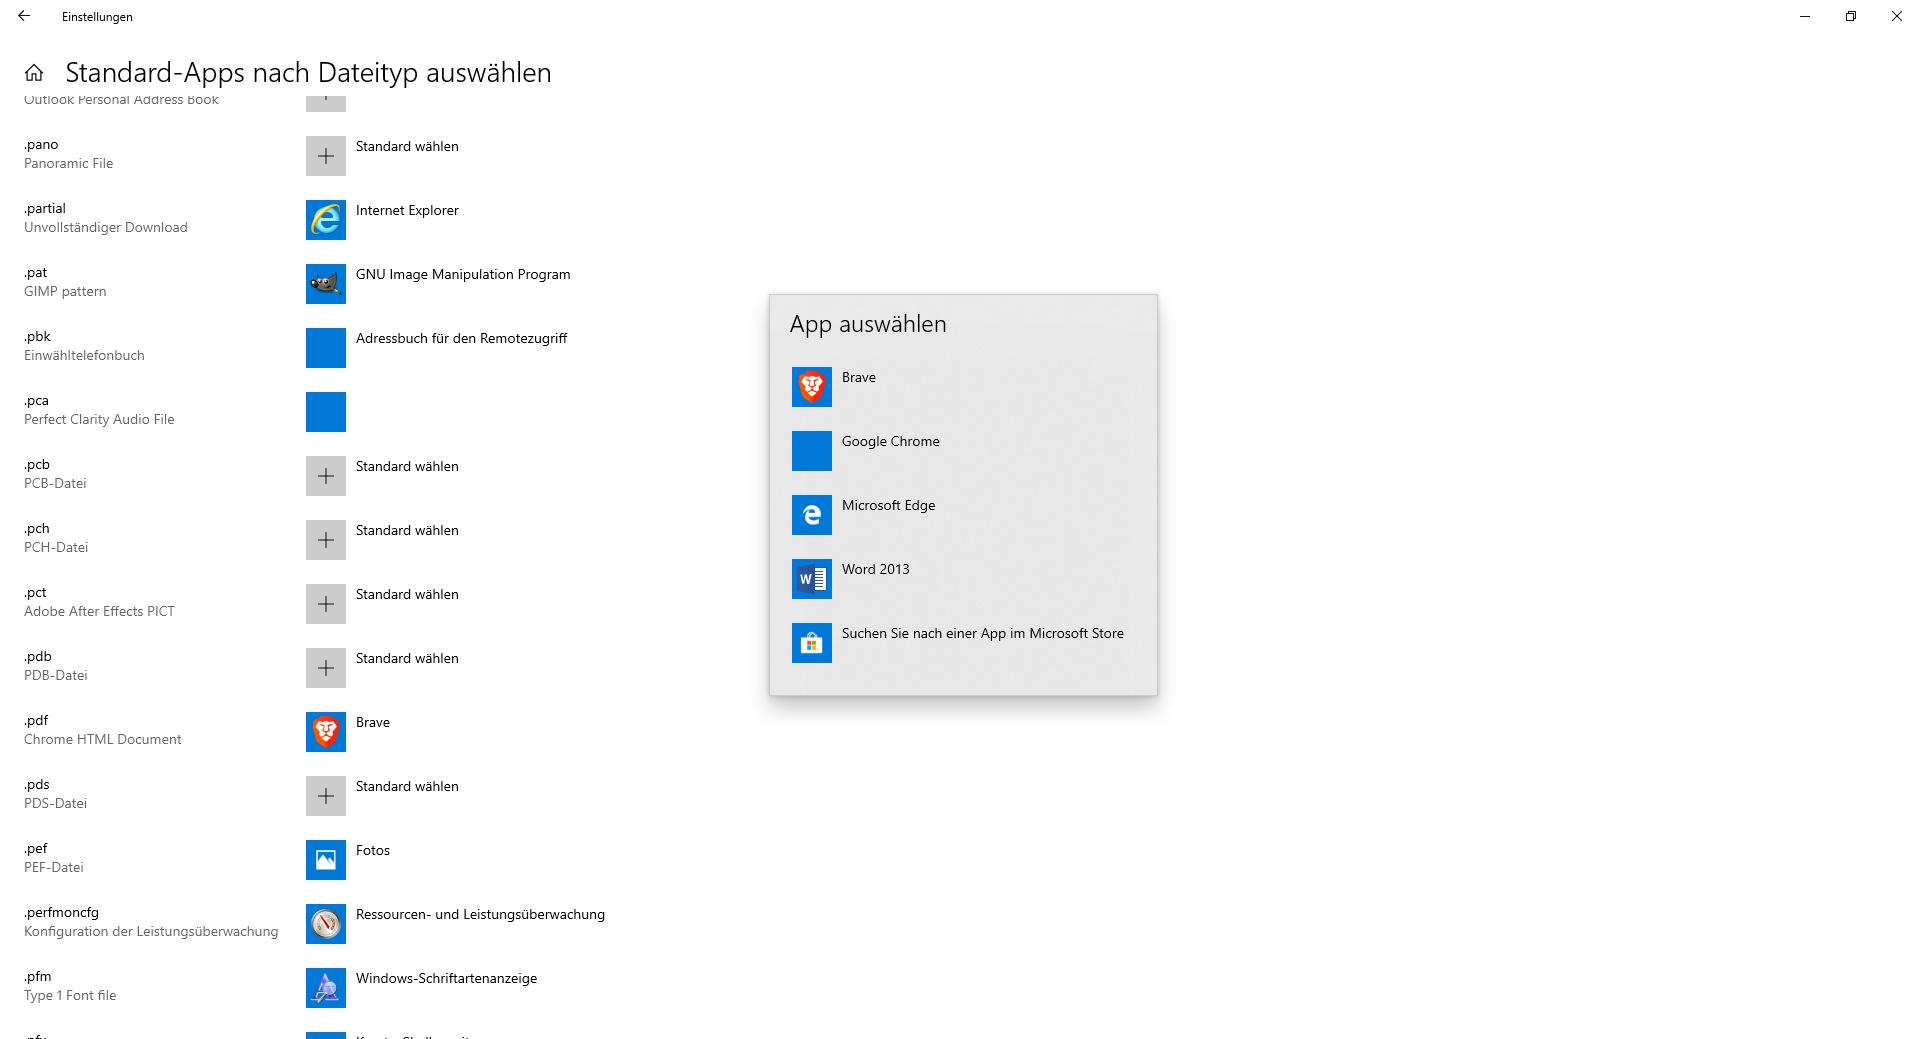 Chrome wird trotz Deinstallation als App angezeigt